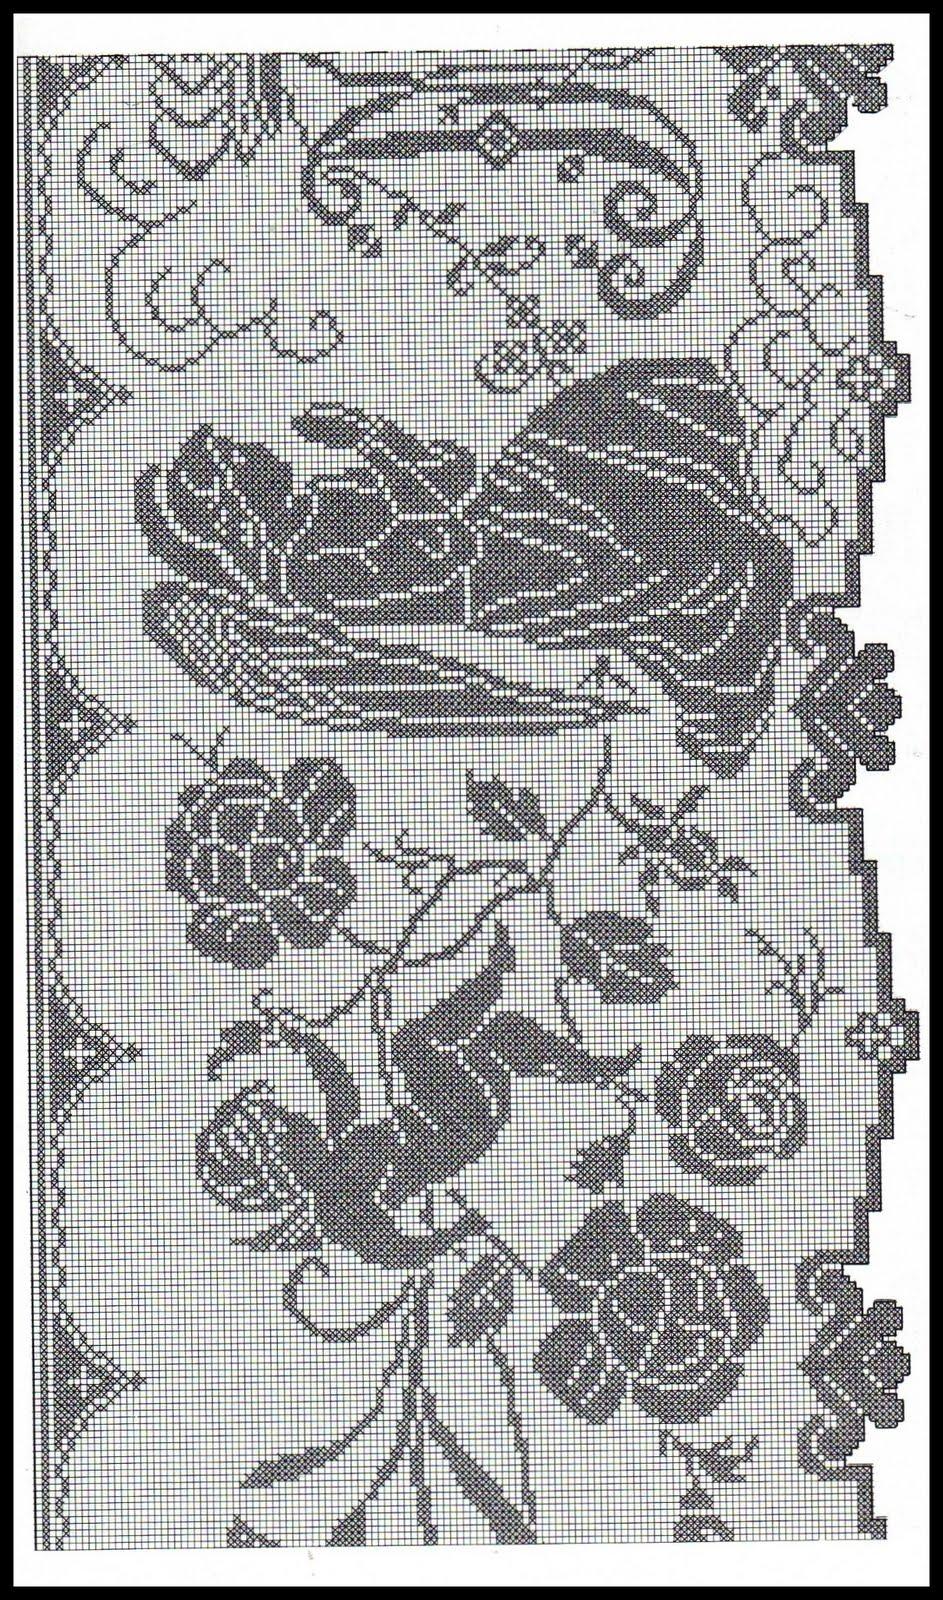 Lo spazio di lilla a gentile richiesta uva a filet for Bordure uncinetto schemi